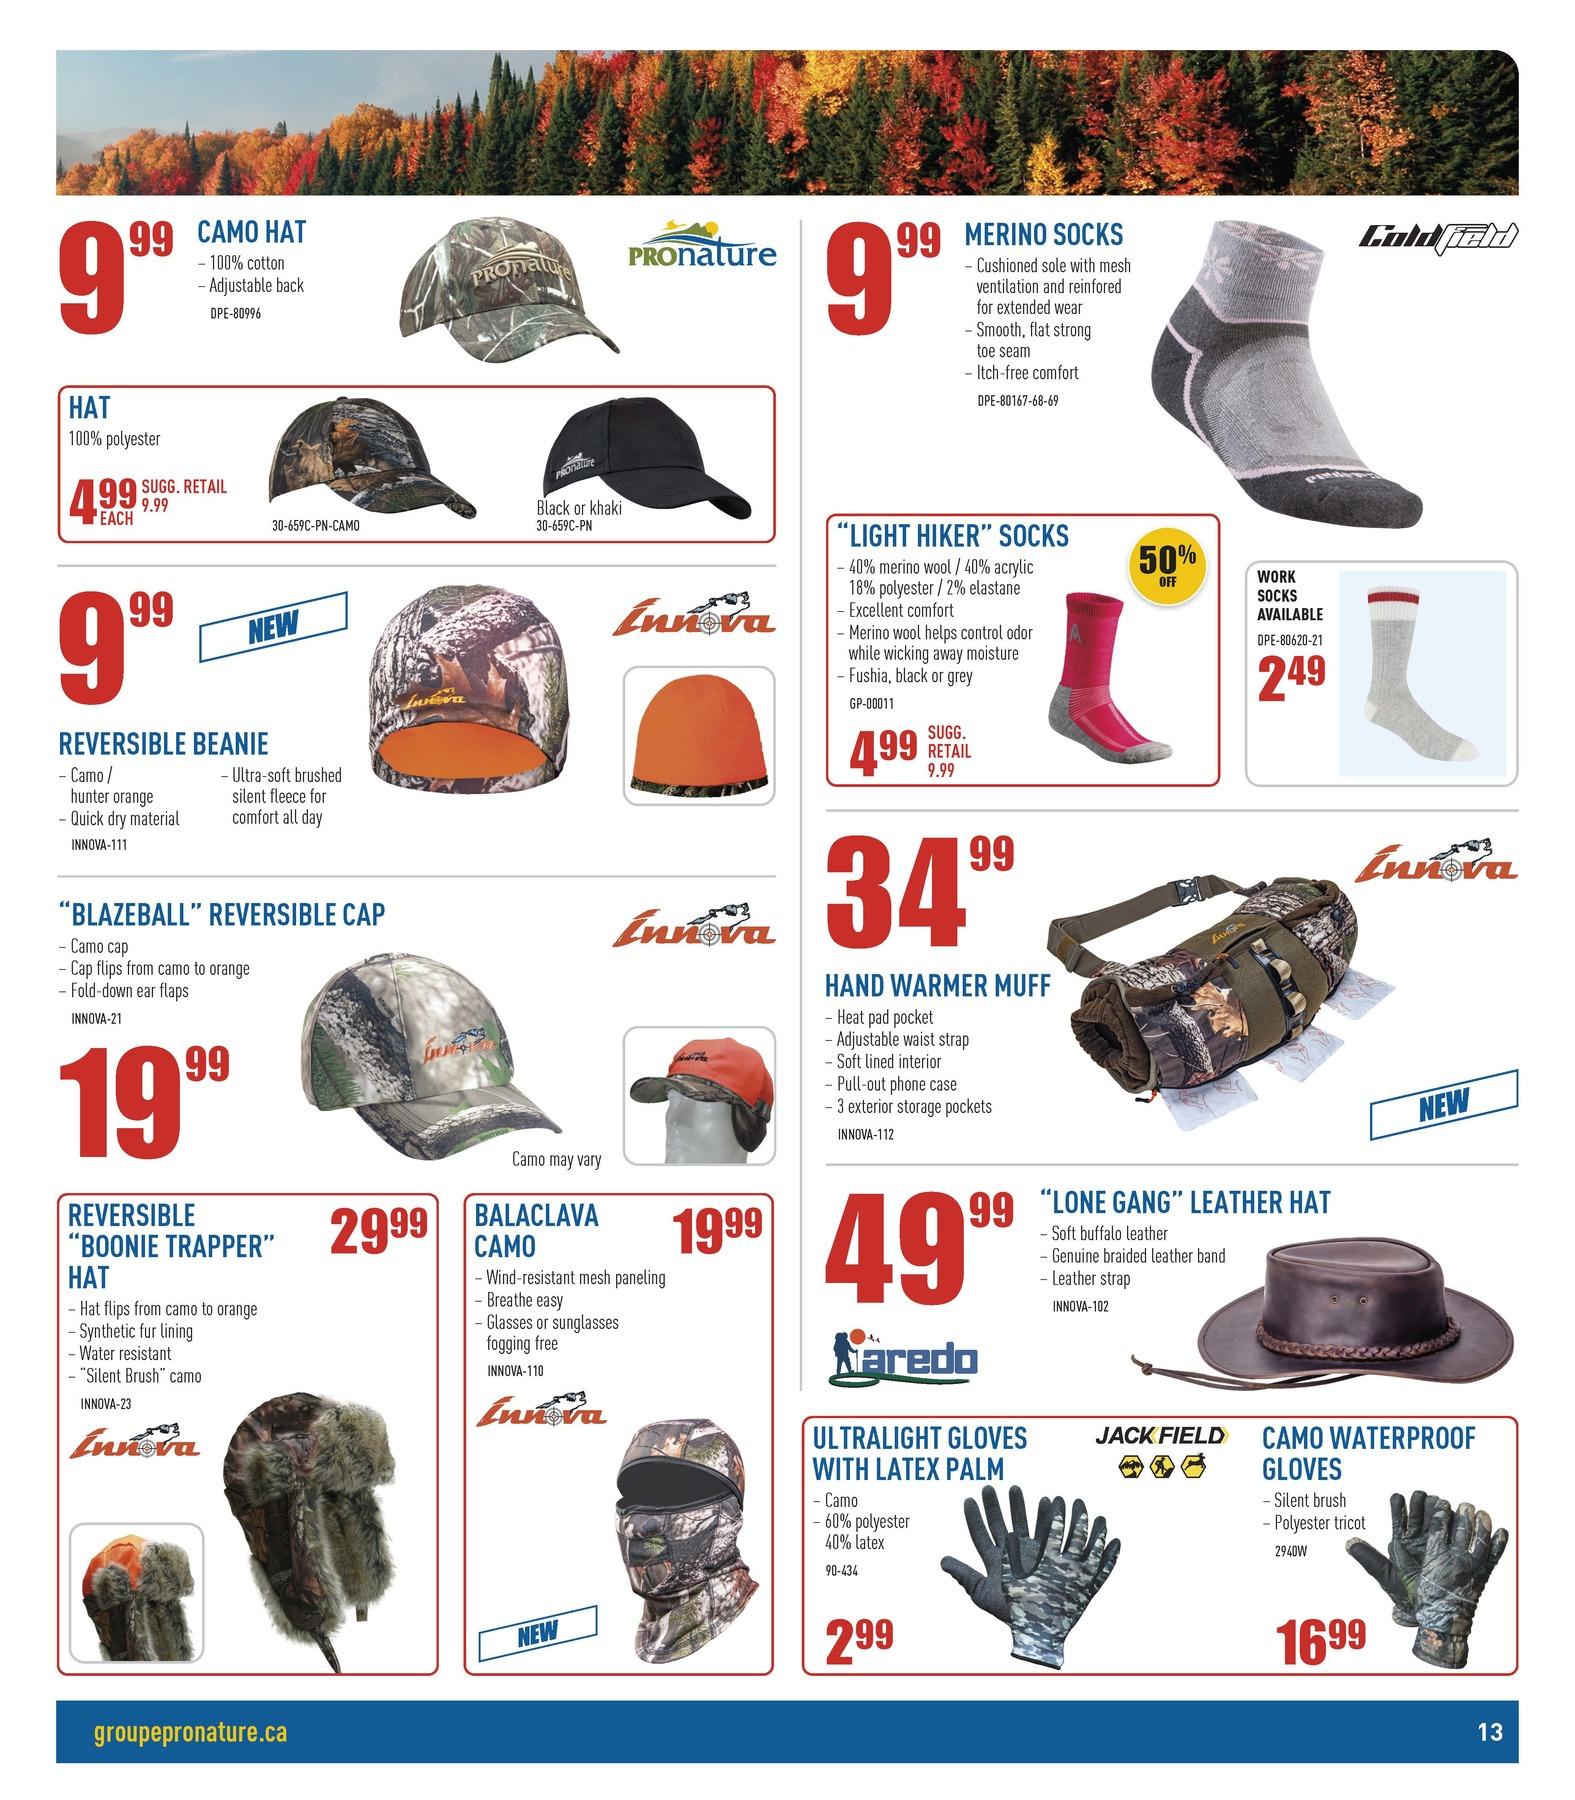 Flyer 200913 450 page 13 en 1598970881